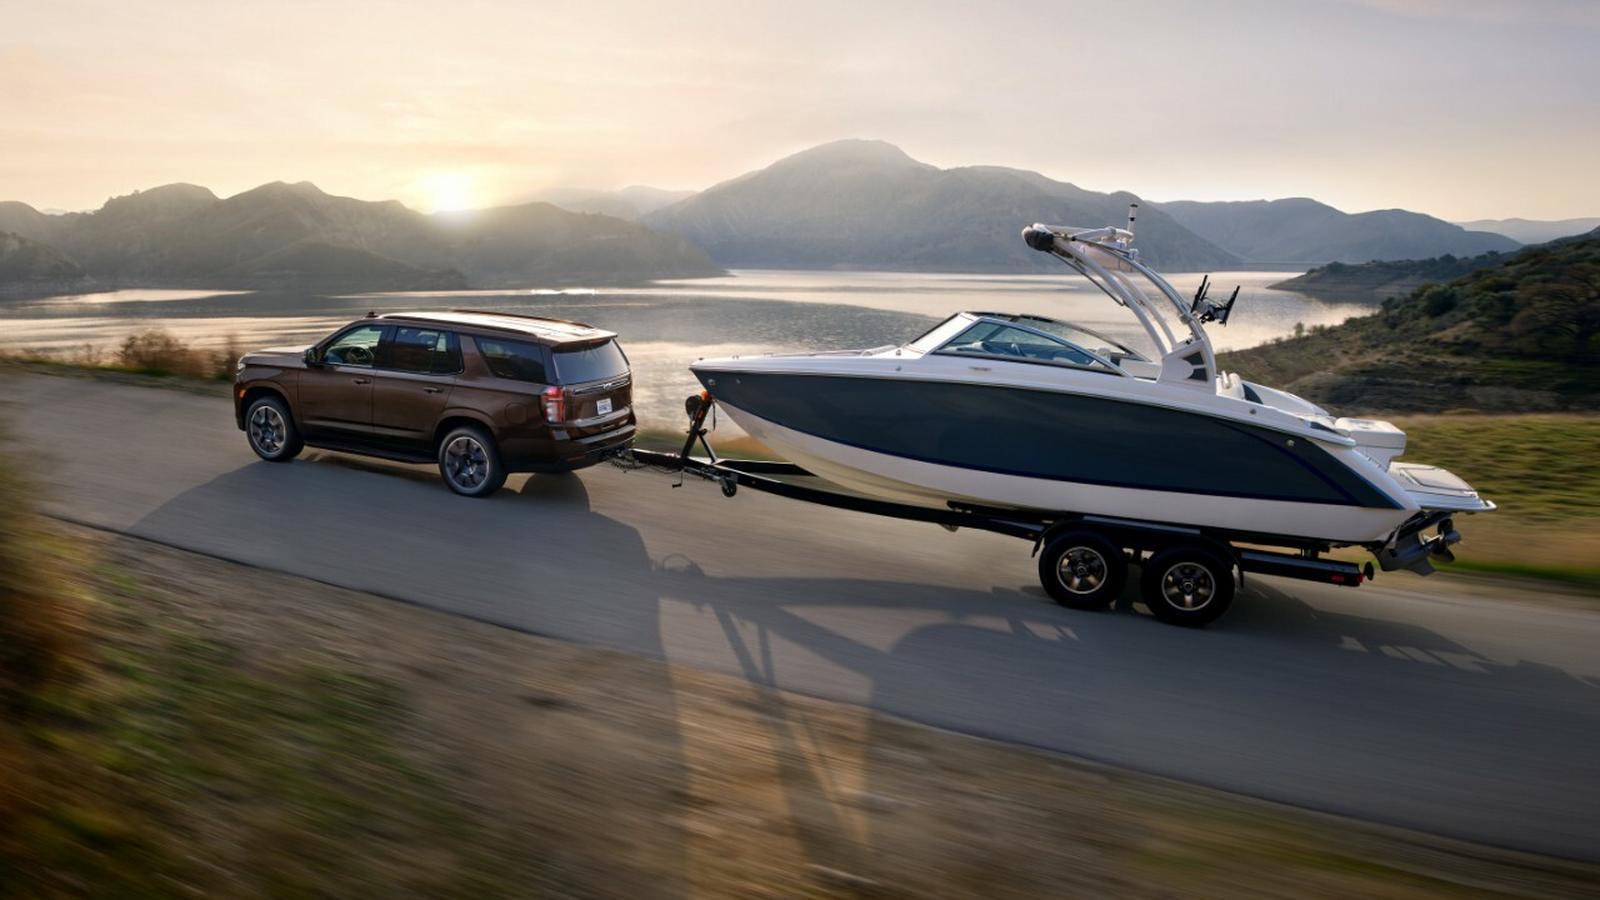 Nowe Chevrolety Tahoe i Suburban - jeszcze więcej mocy i zaawansowanej techniki